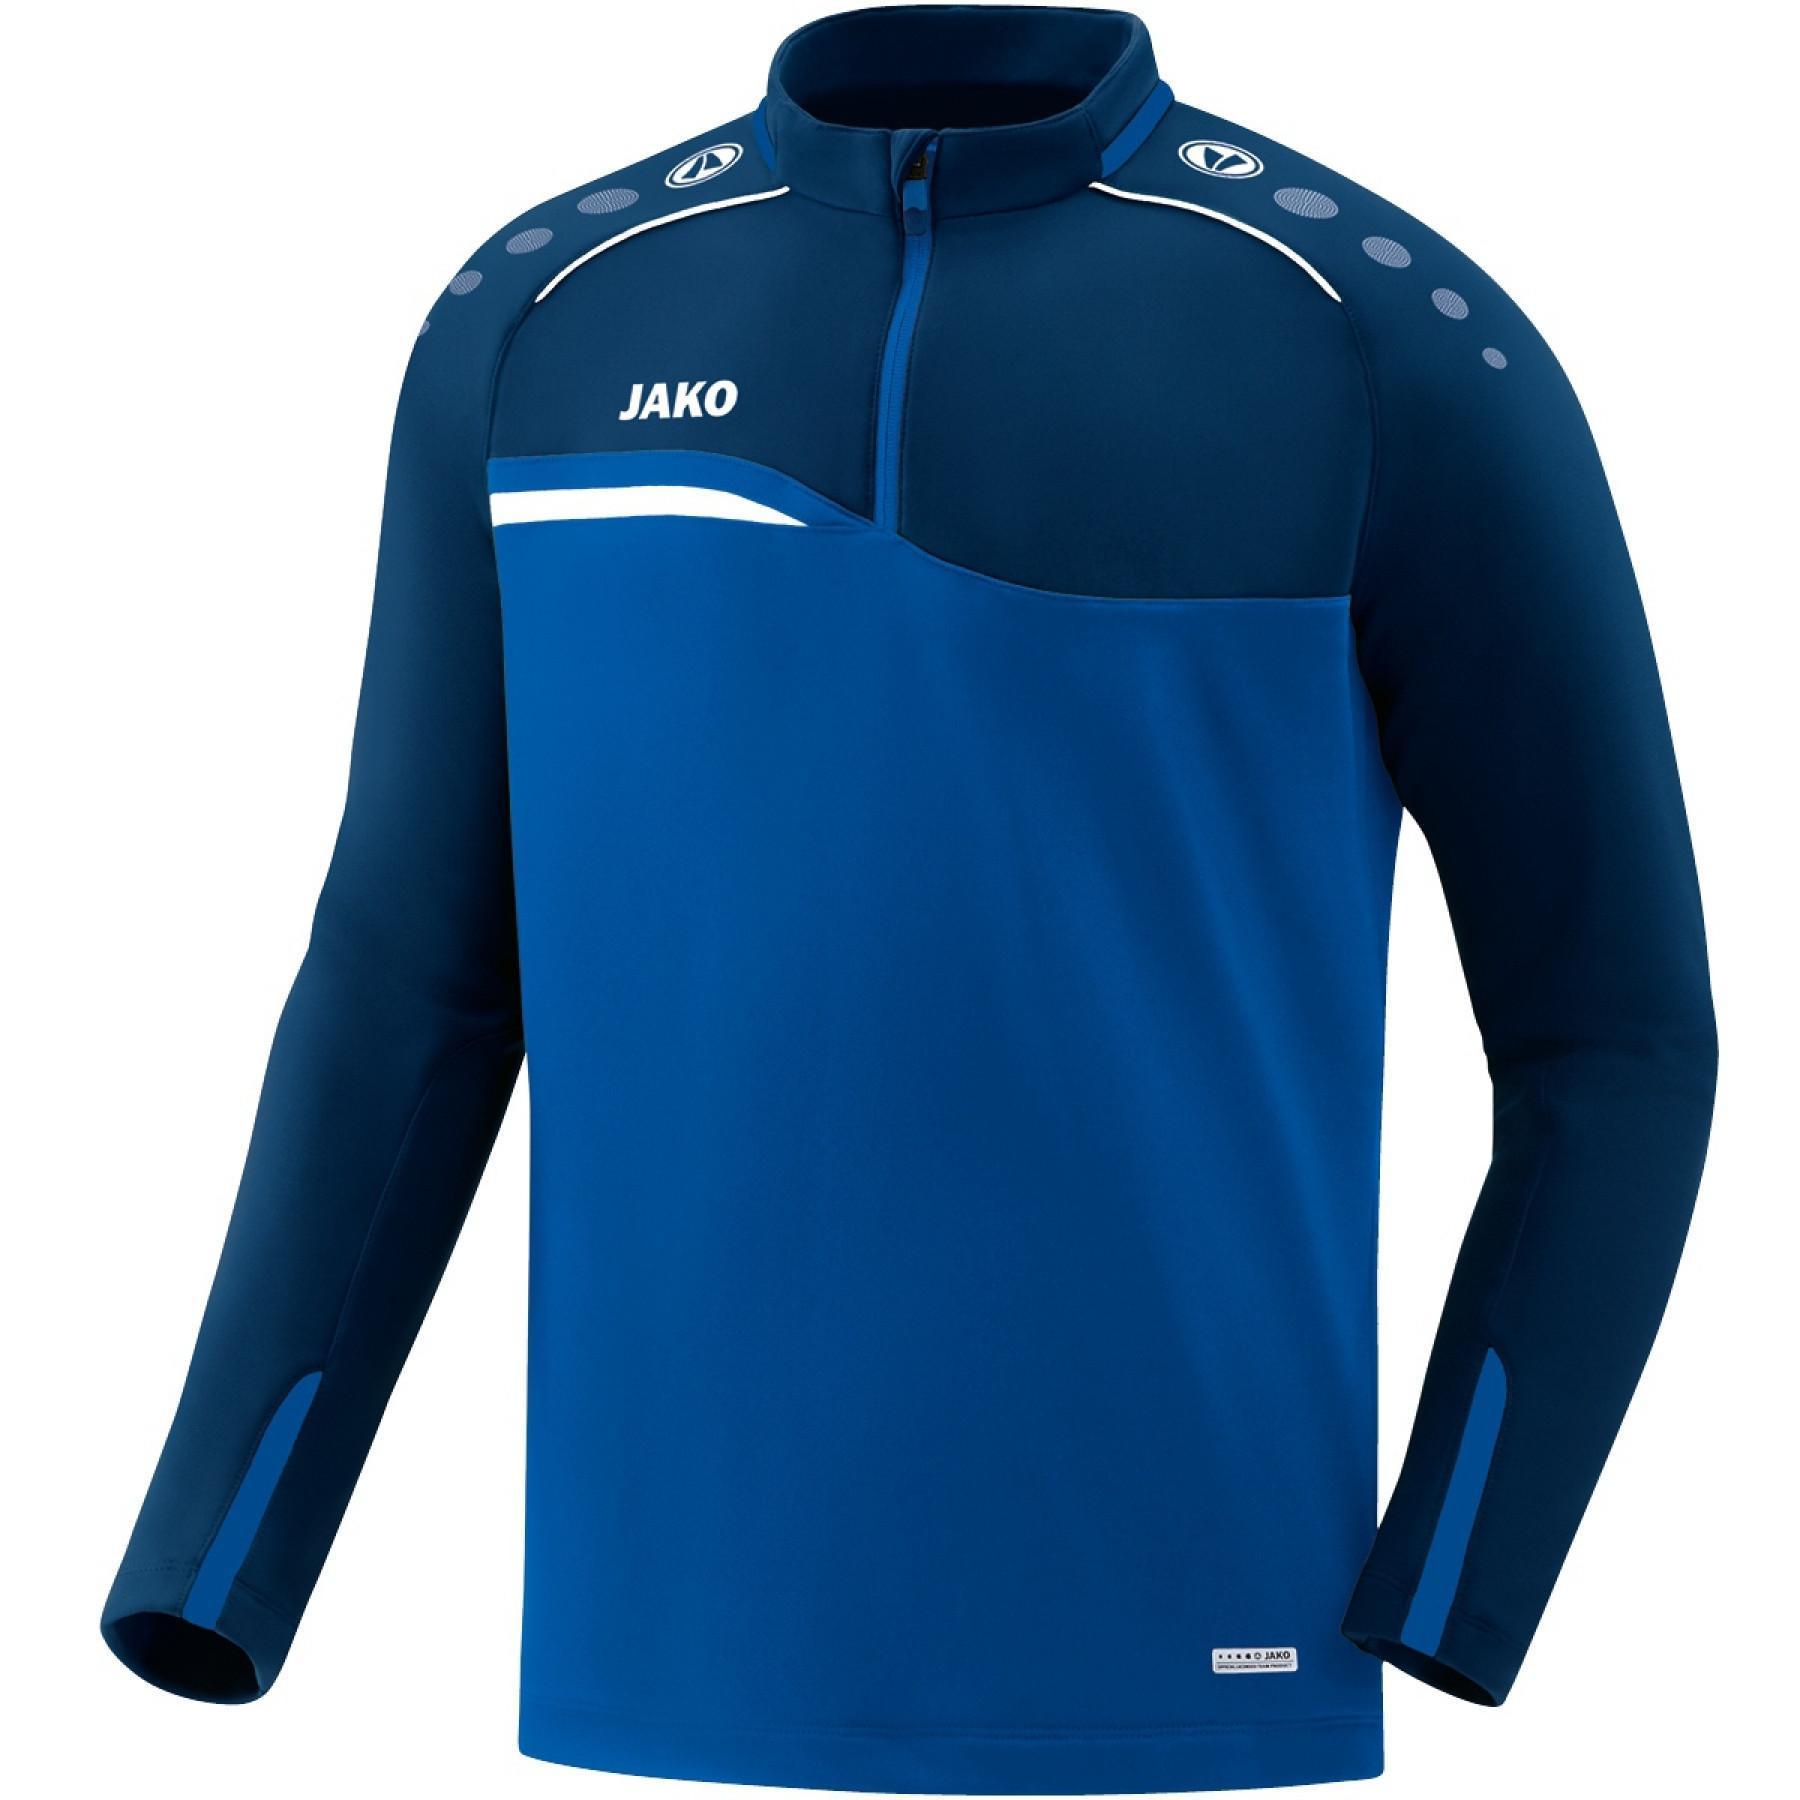 Sweatshirt zip Junior Jako Competition 2.0